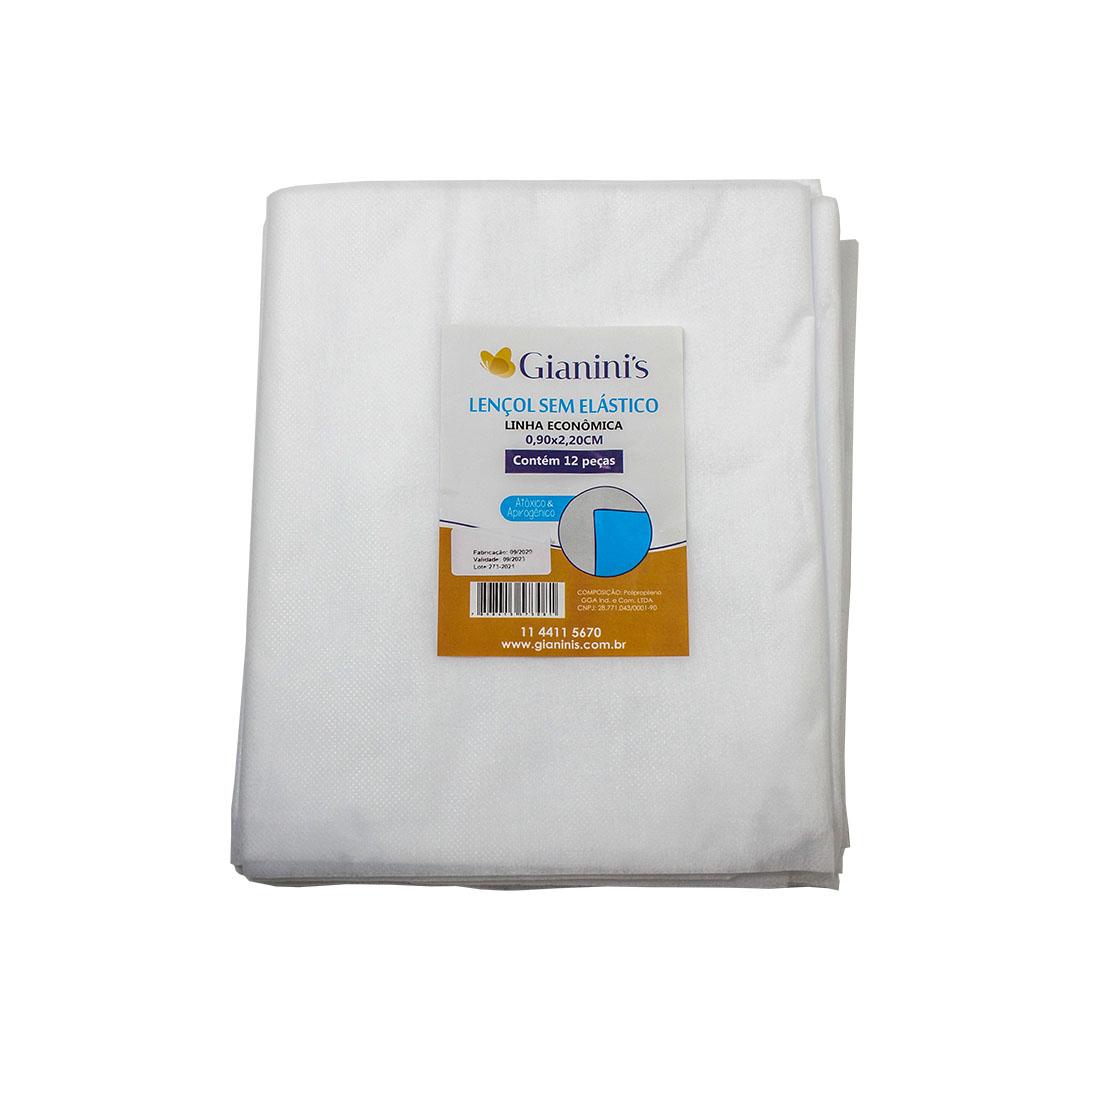 Kit com 5 pacotes de lençol econômico sem elástico com 12 unidades cada